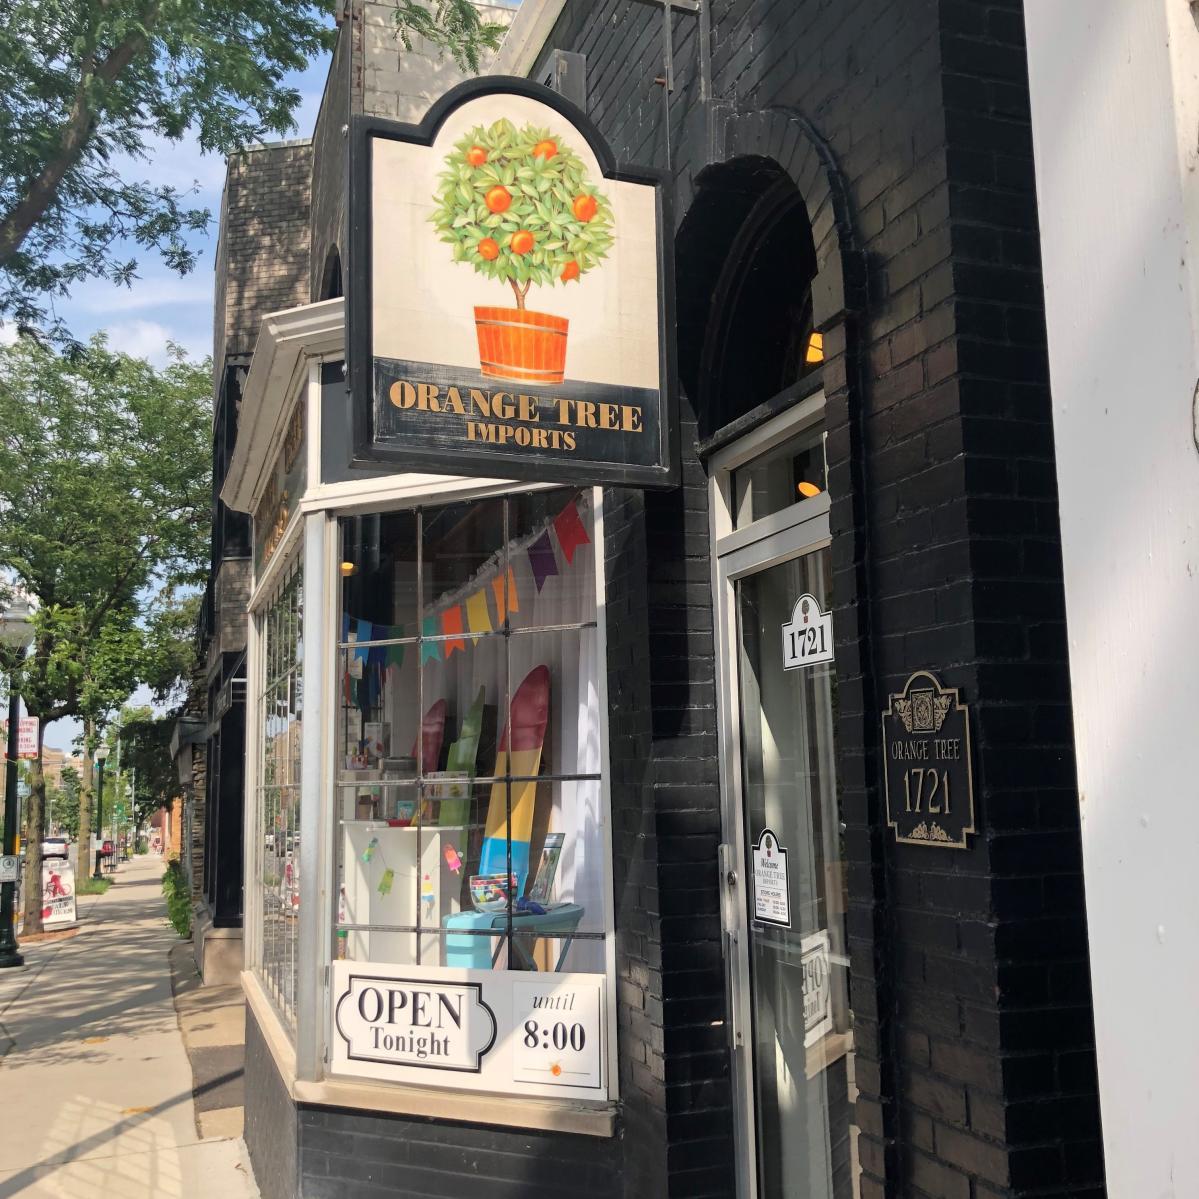 Orange Tree Imports on Monroe Street storefront